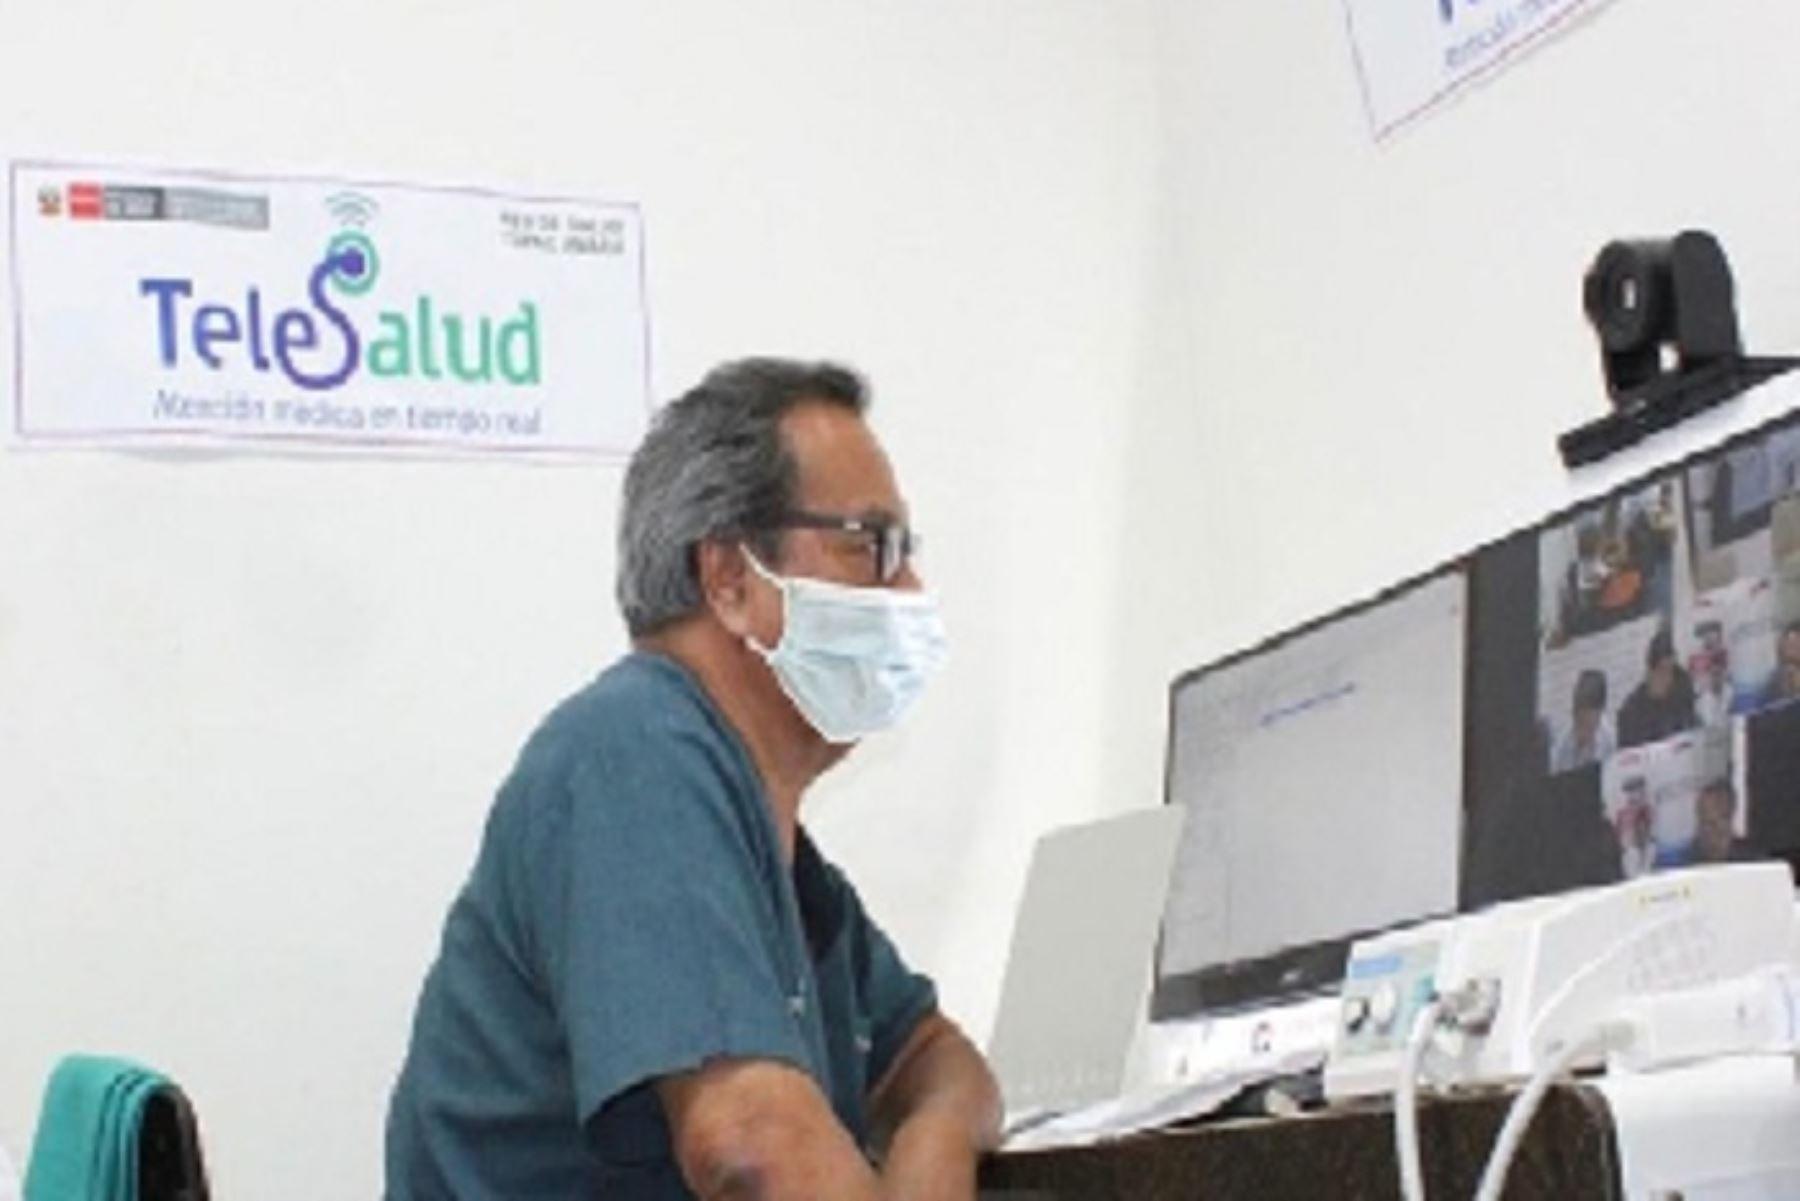 Asimismo, son 2,199 establecimientos de salud incorporados a la Red Nacional de Telesalud, quienes desarrollan los servicios de esta plataforma de acuerdo a su nivel resolutivo.